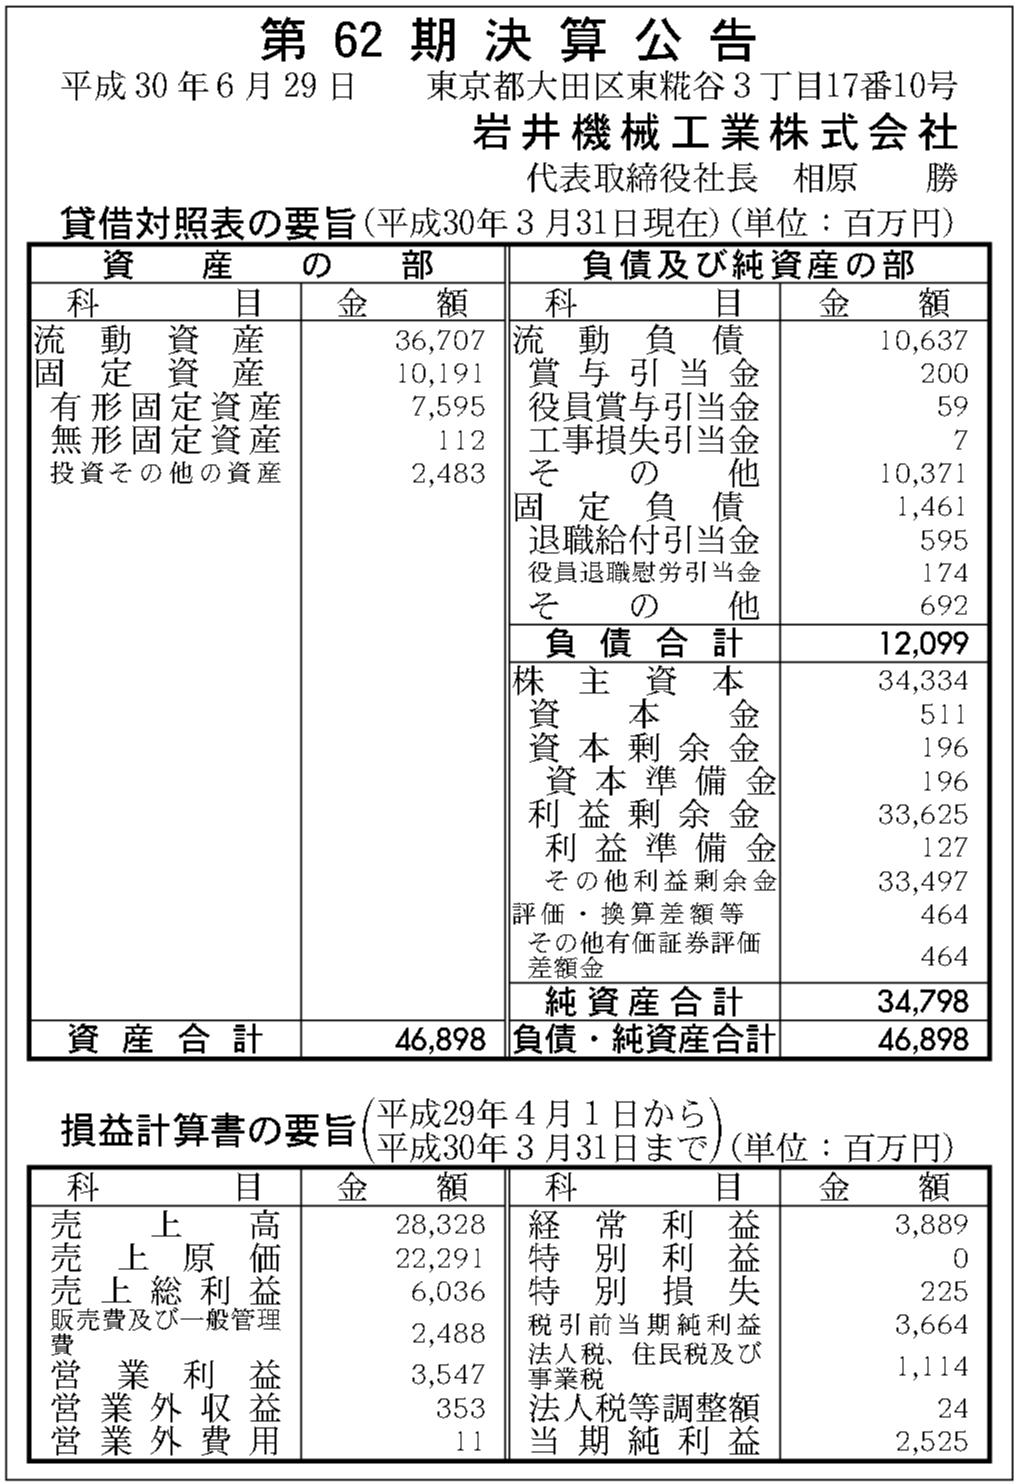 工業 株式 機械 会社 岩井 鬼怒川ゴム工業株式会社 :